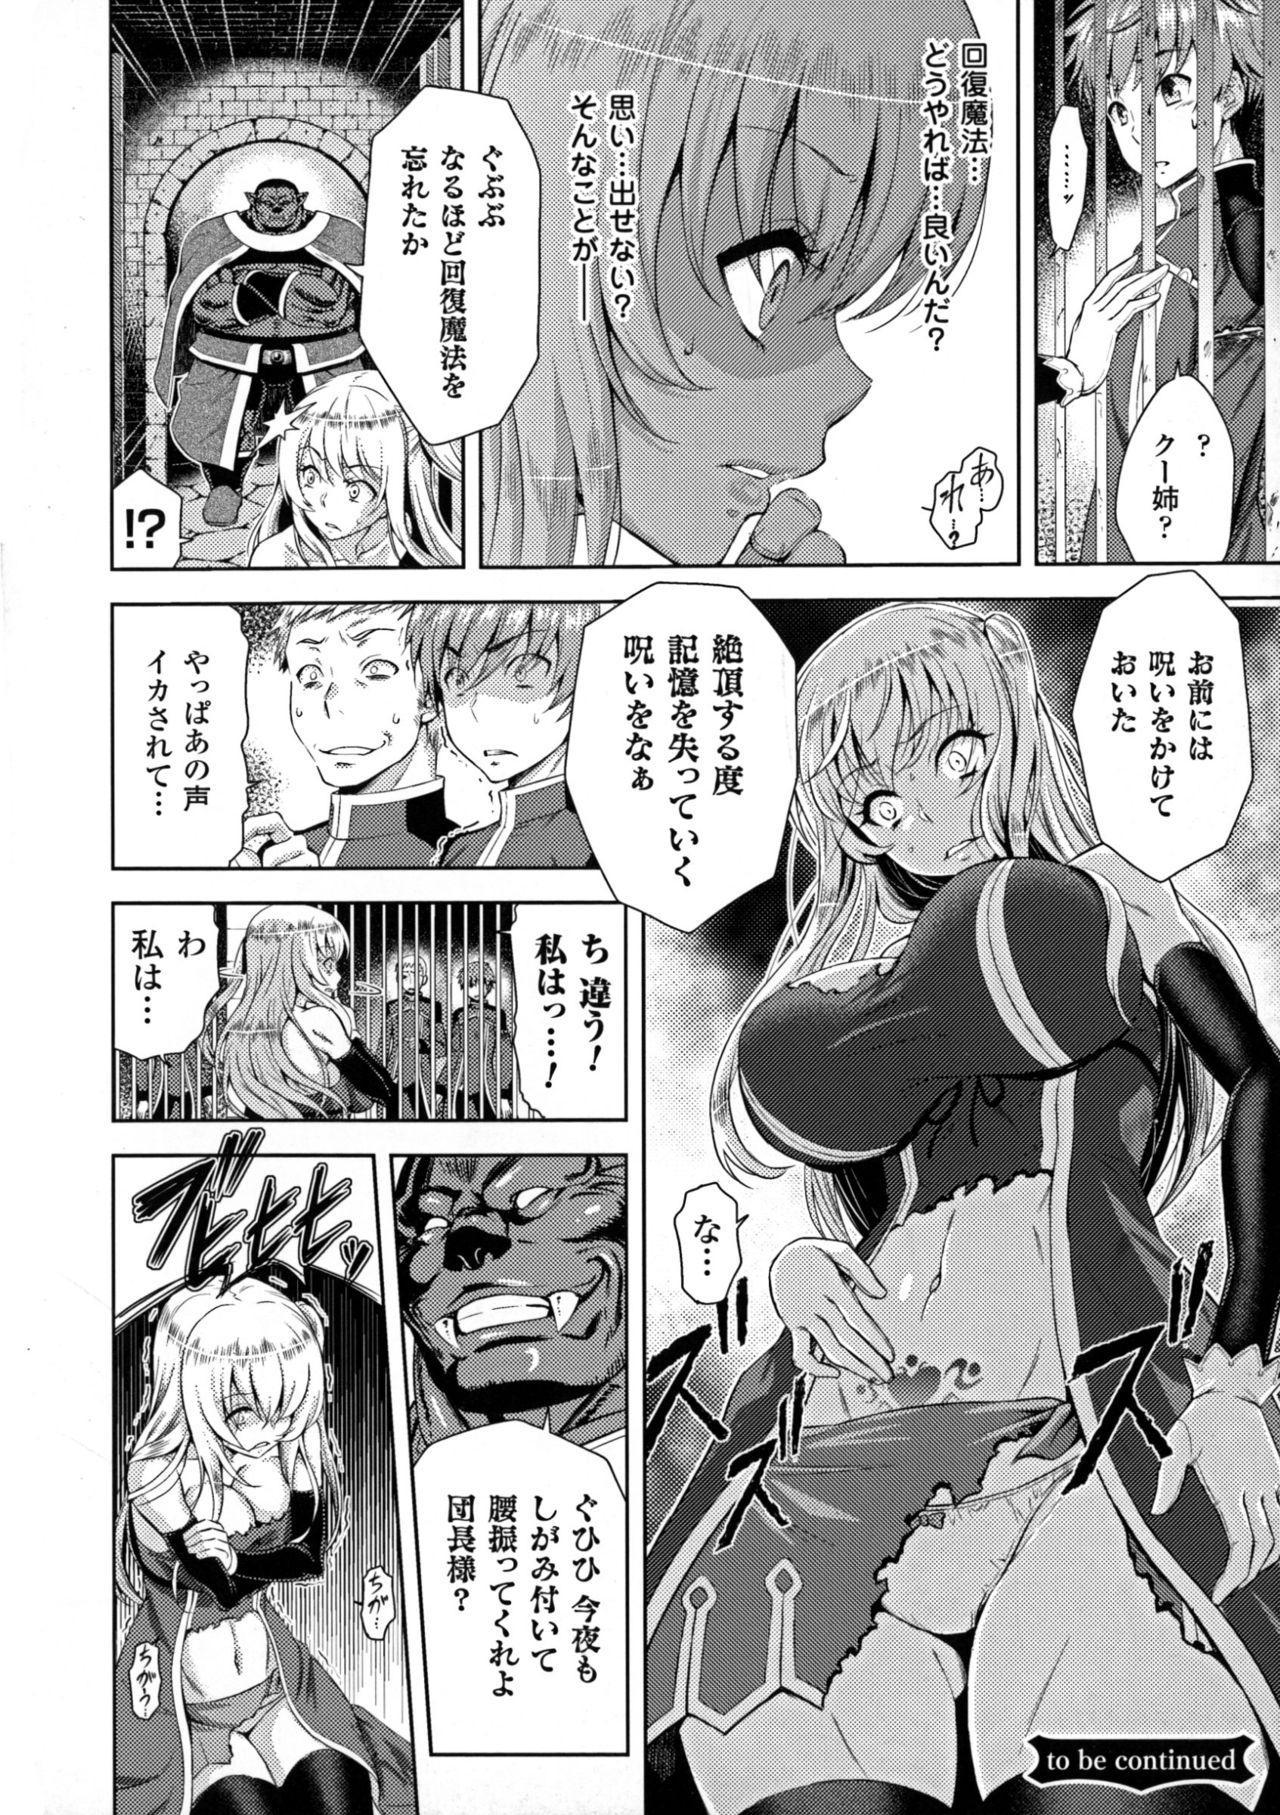 ERONA Orc no Inmon ni Okasareta Onna Kishi no Matsuro 23